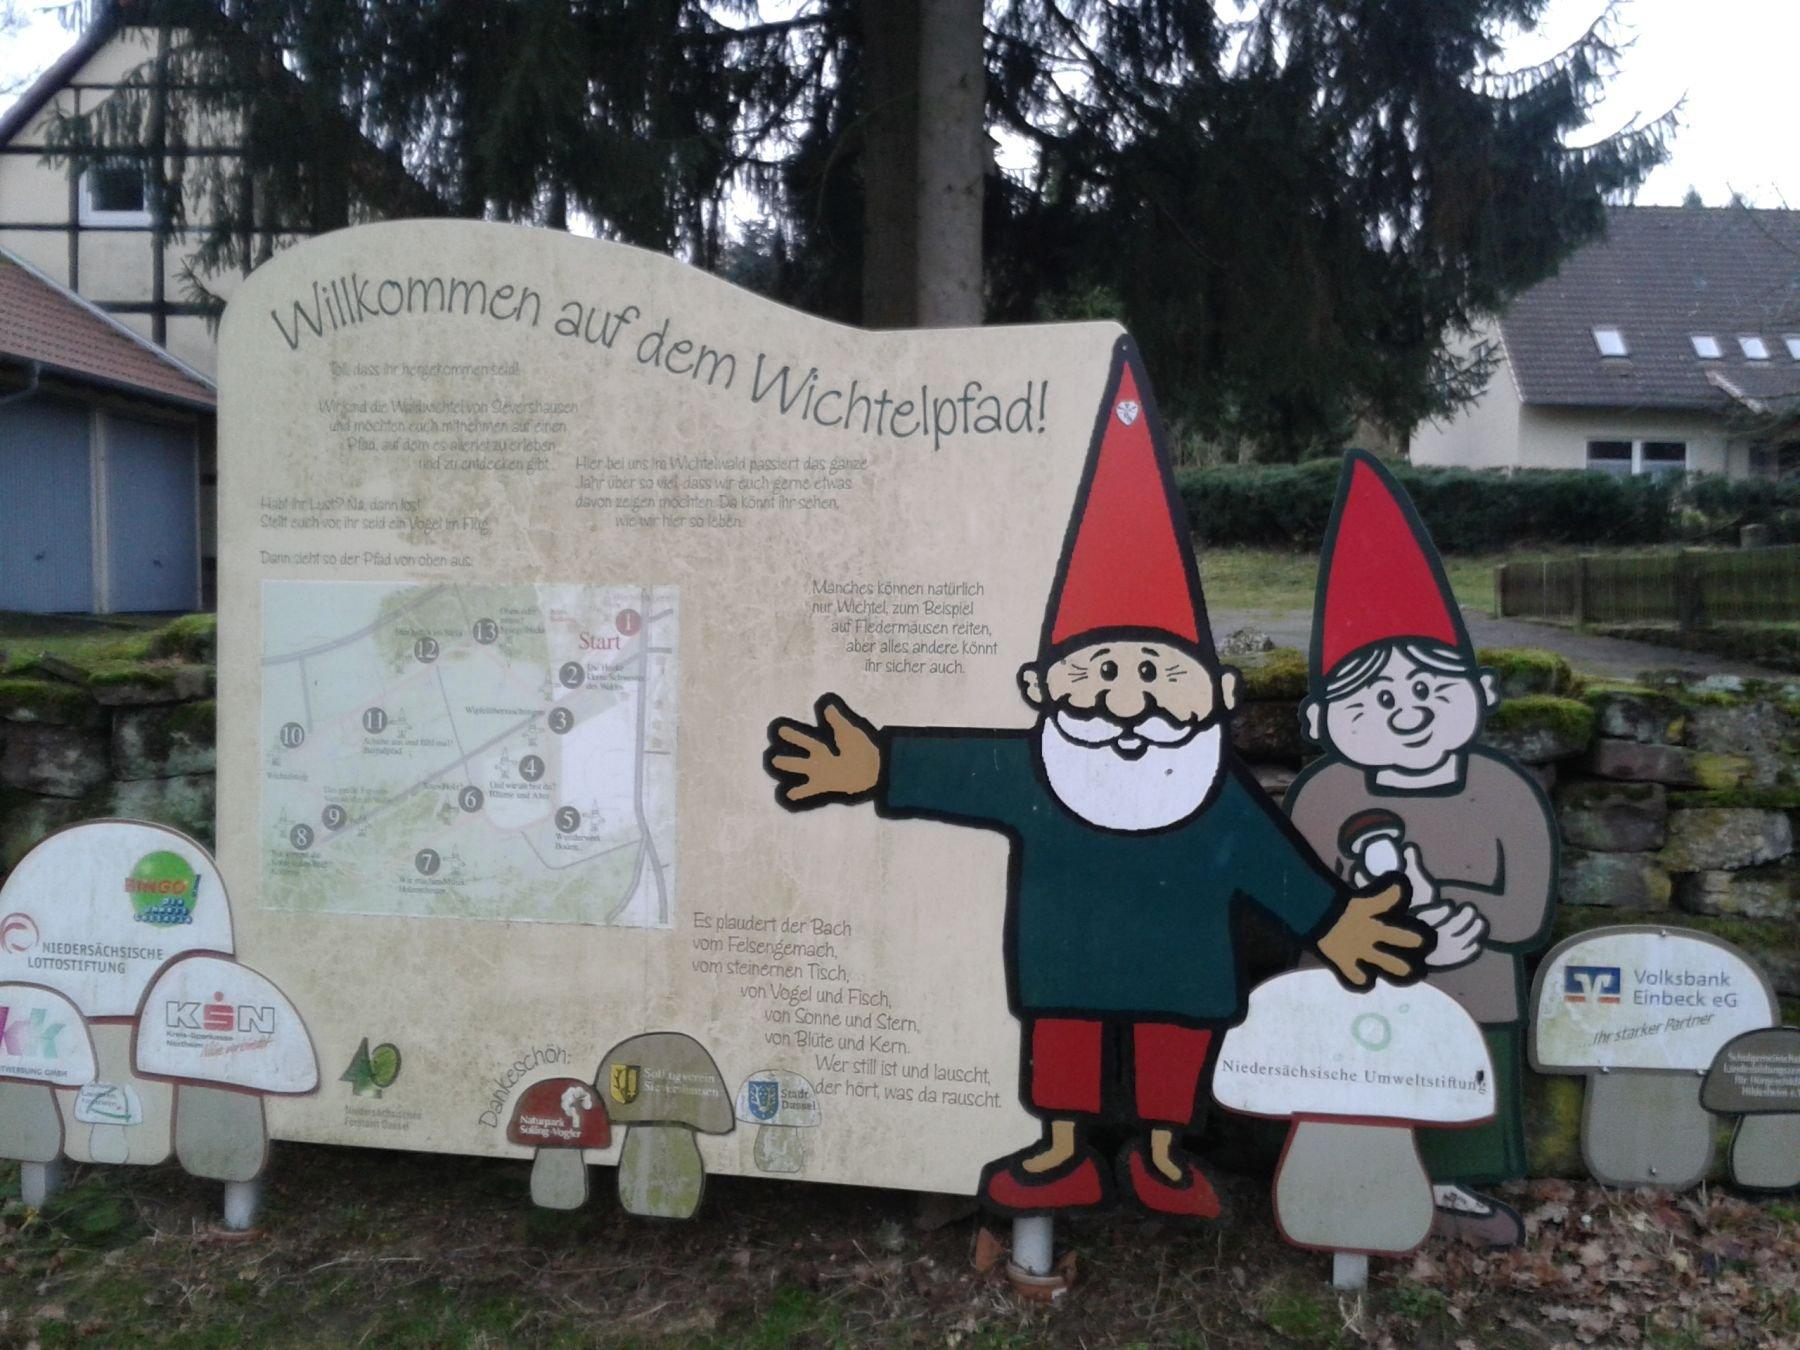 Willkommensstation Wichtelpfad